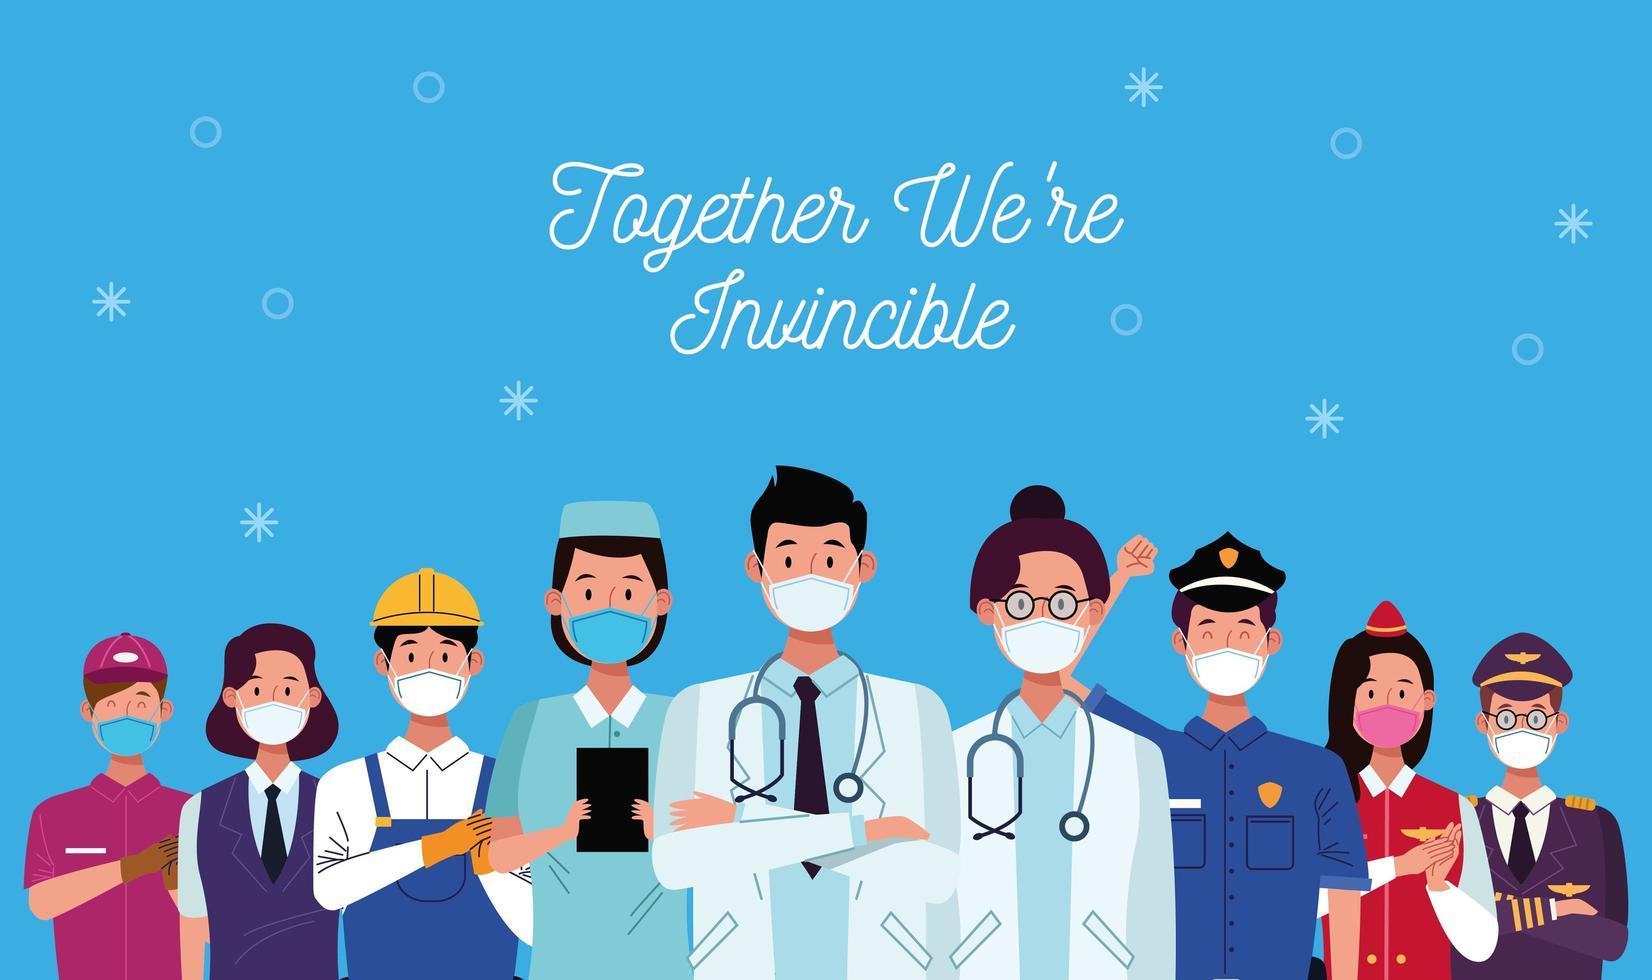 groupe de travailleurs avec ensemble nous sommes un message invincible vecteur